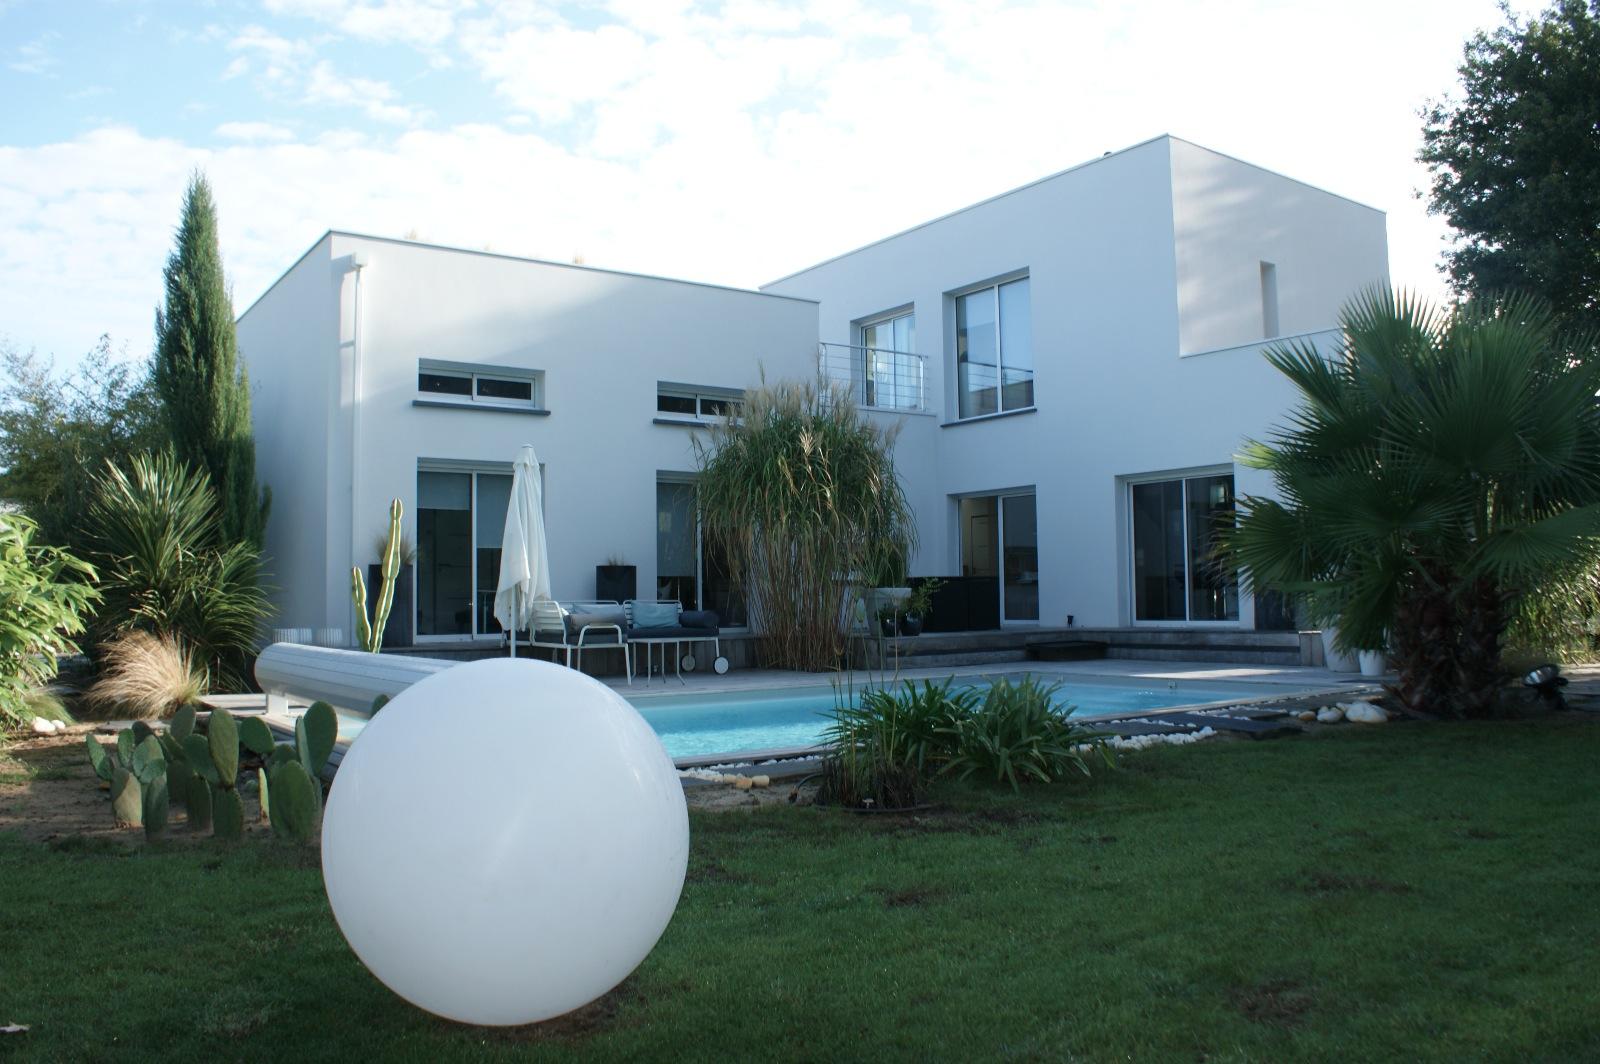 33470 gujan villa contemporaine t5 for Achat maison gujan mestras